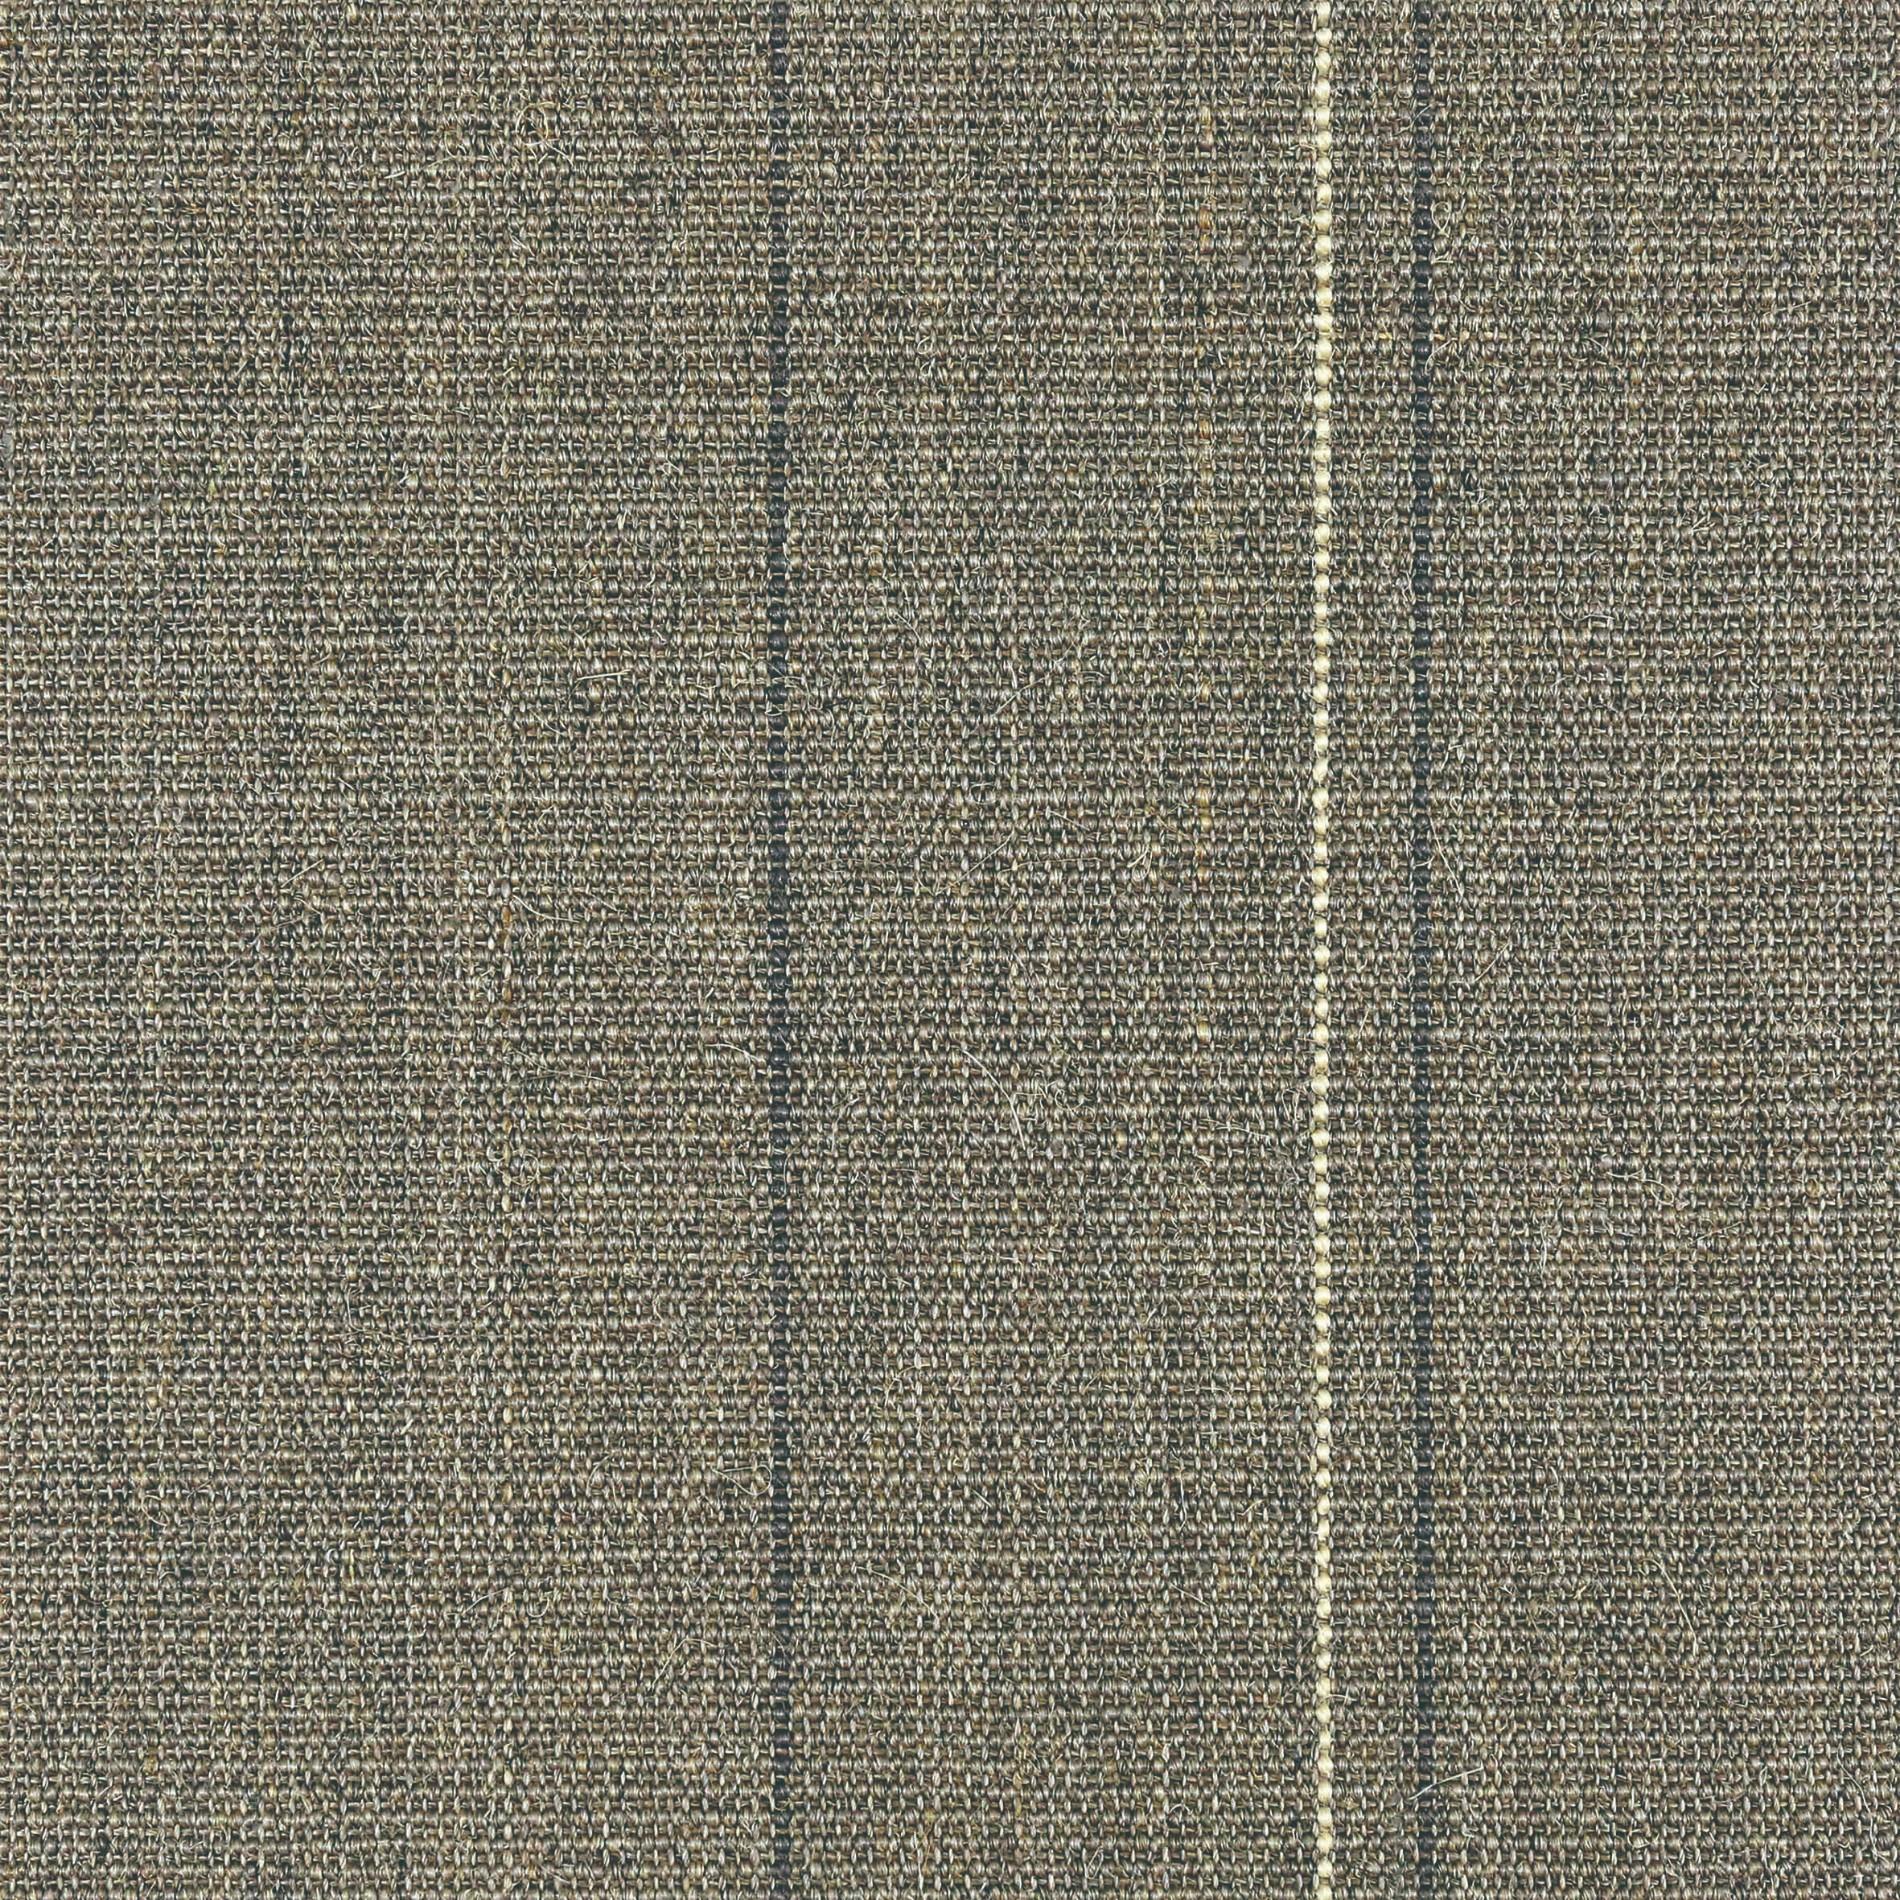 Sisal Modern Office Commercial Carpet Tiles Manufacturers, Sisal Modern Office Commercial Carpet Tiles Factory, Supply Sisal Modern Office Commercial Carpet Tiles